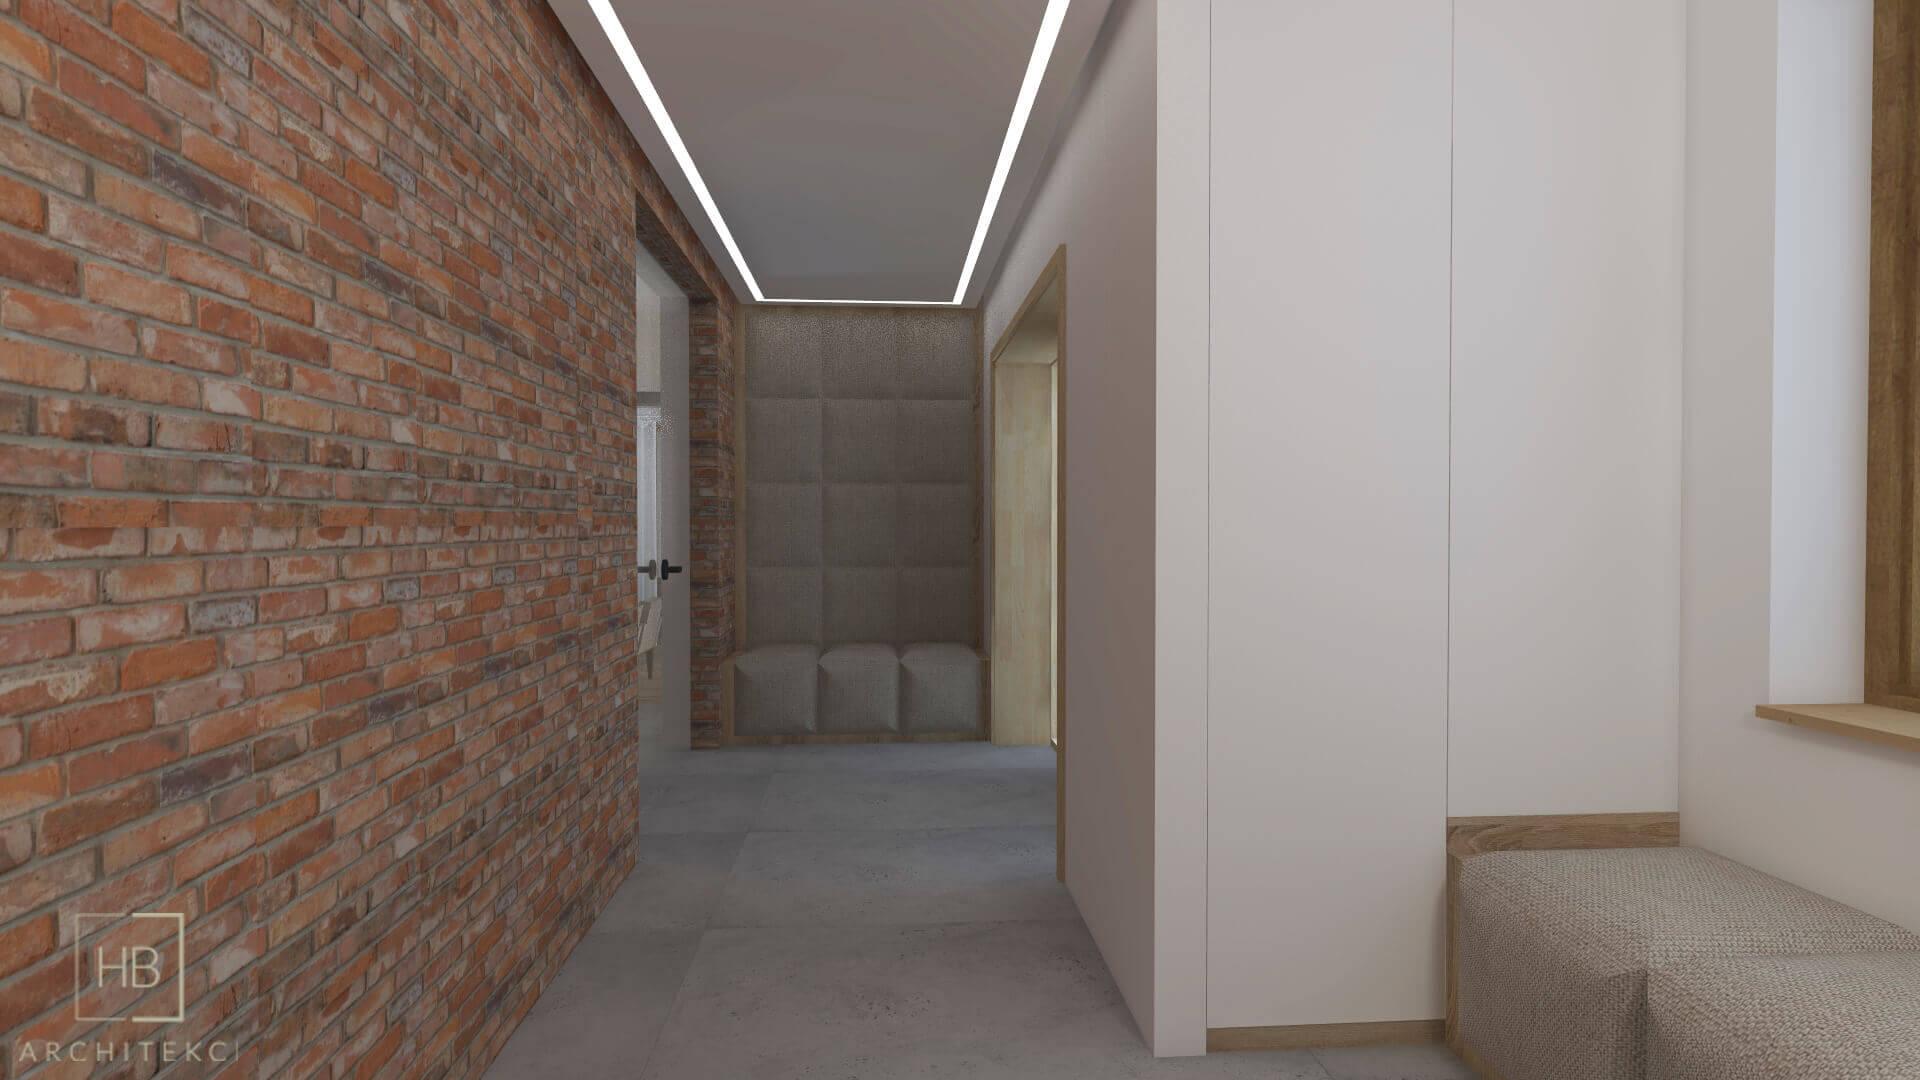 Oświetlenie liniowe w korytarzu